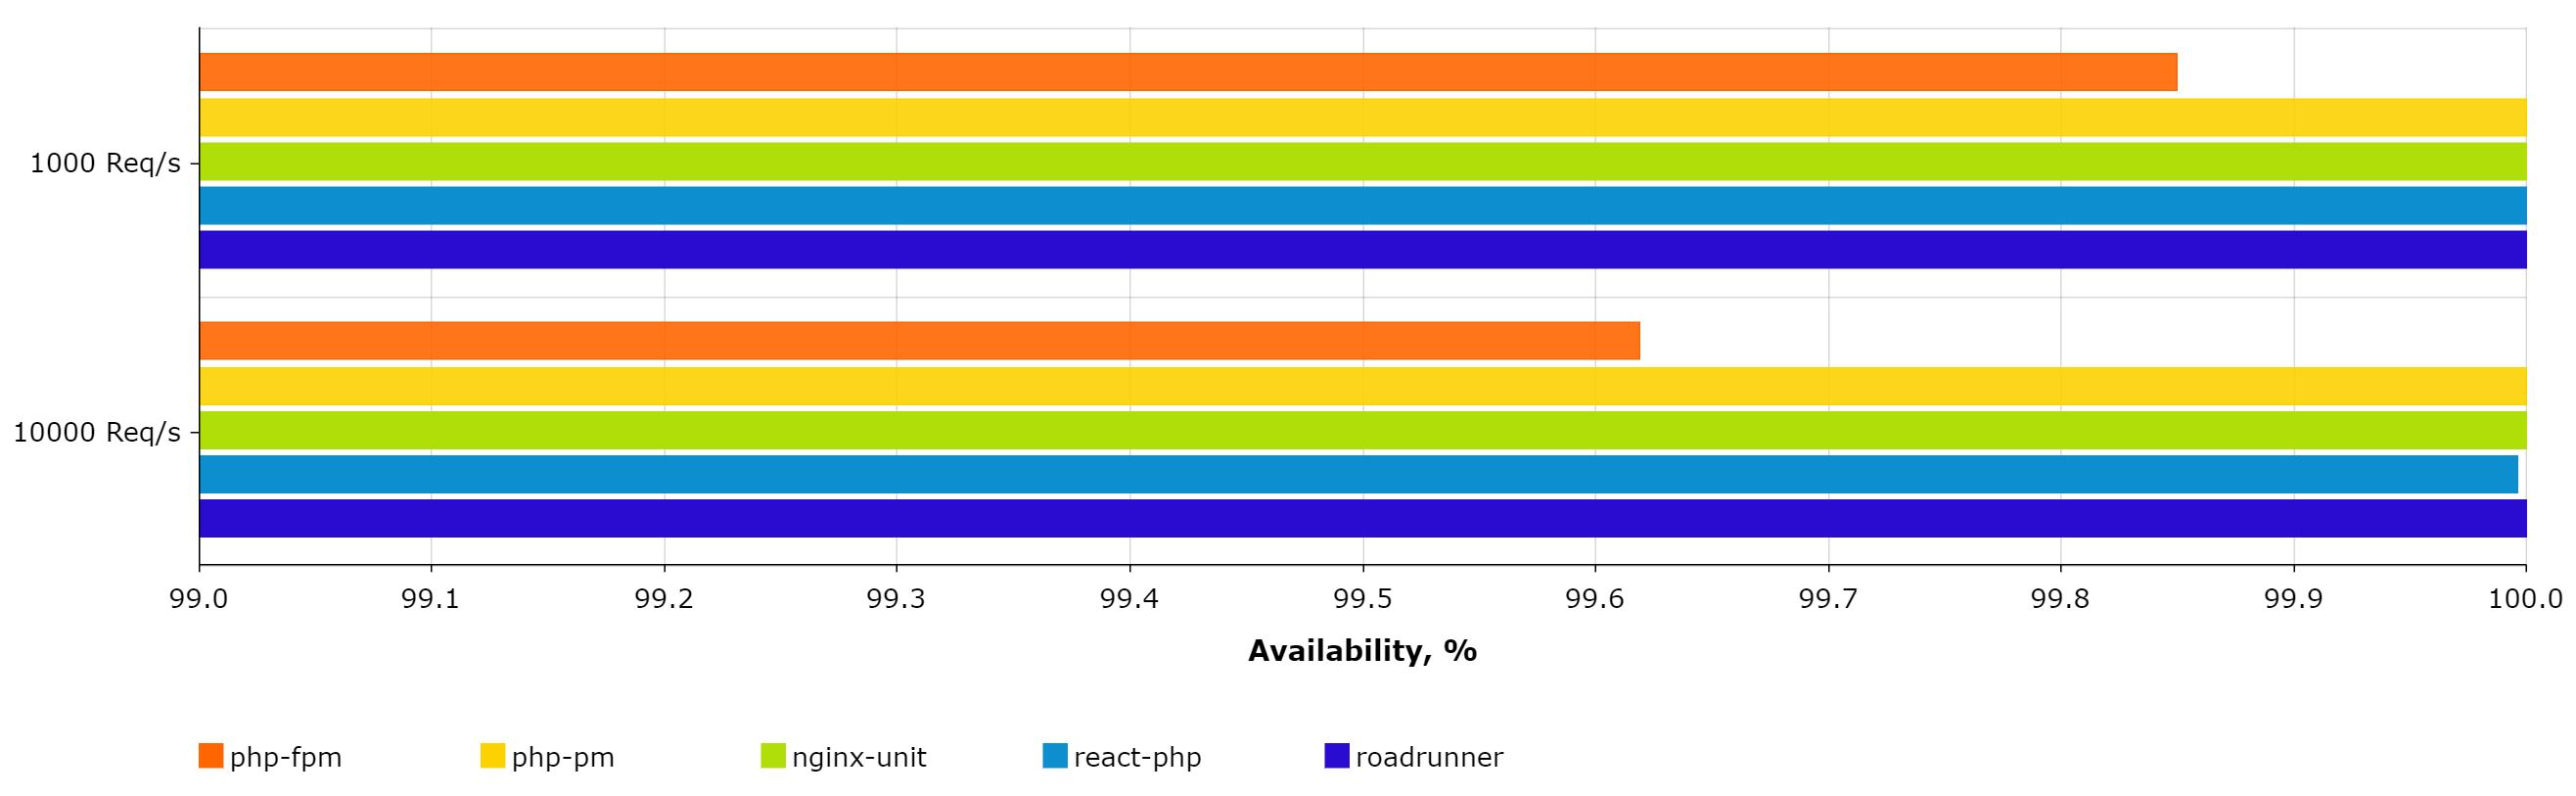 RoadRunner, the PHP Application Server written in Golang